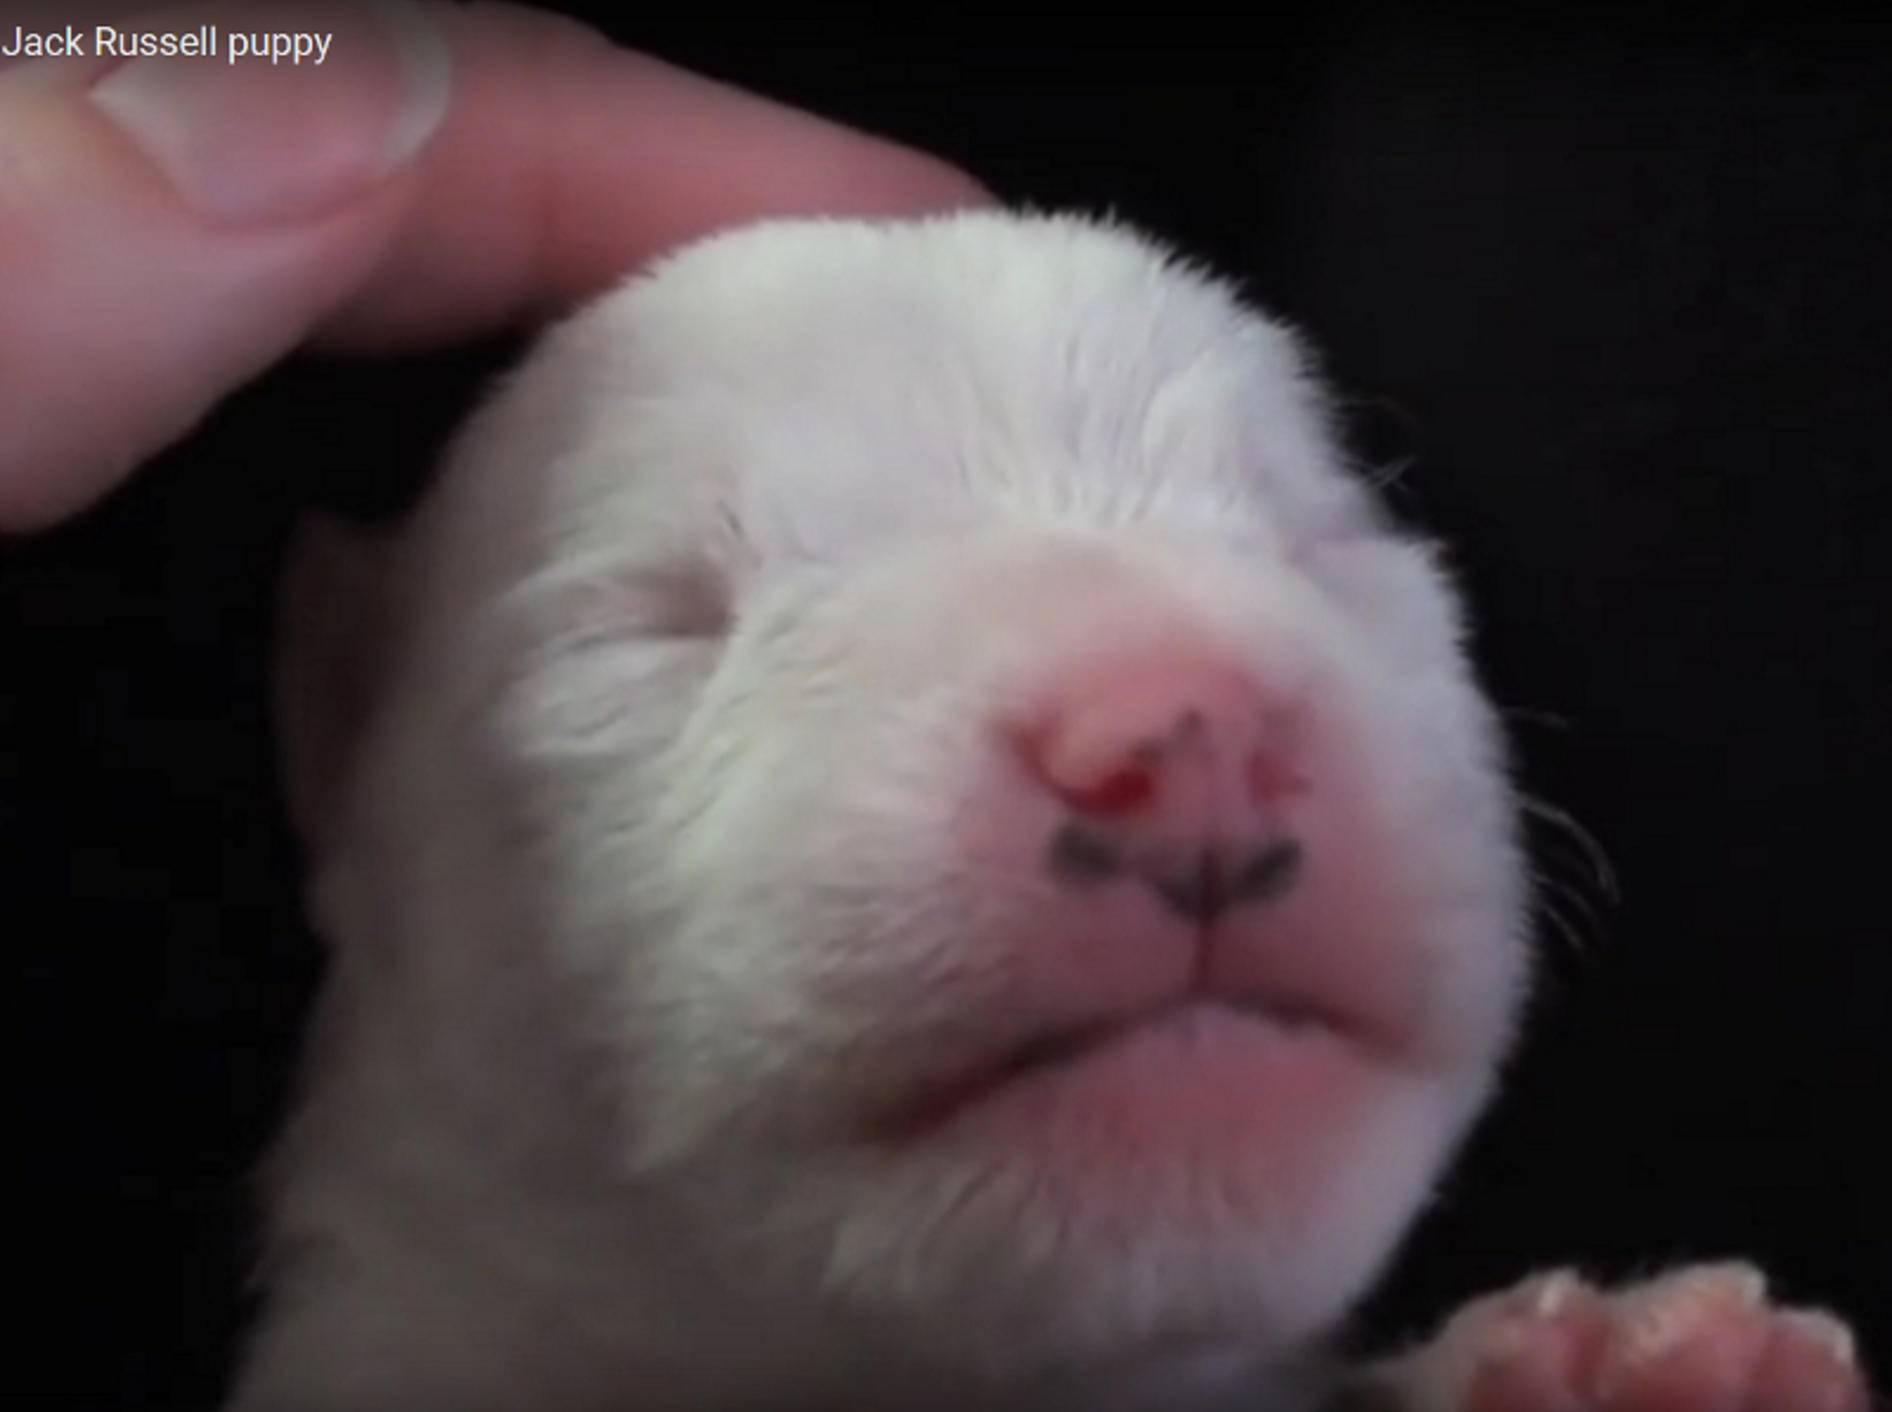 Wie niedlich dieser winzige Jack Russel Welpe schläft und träumt, während er gestreichelt wird! – YouTube / Jennifer Hare